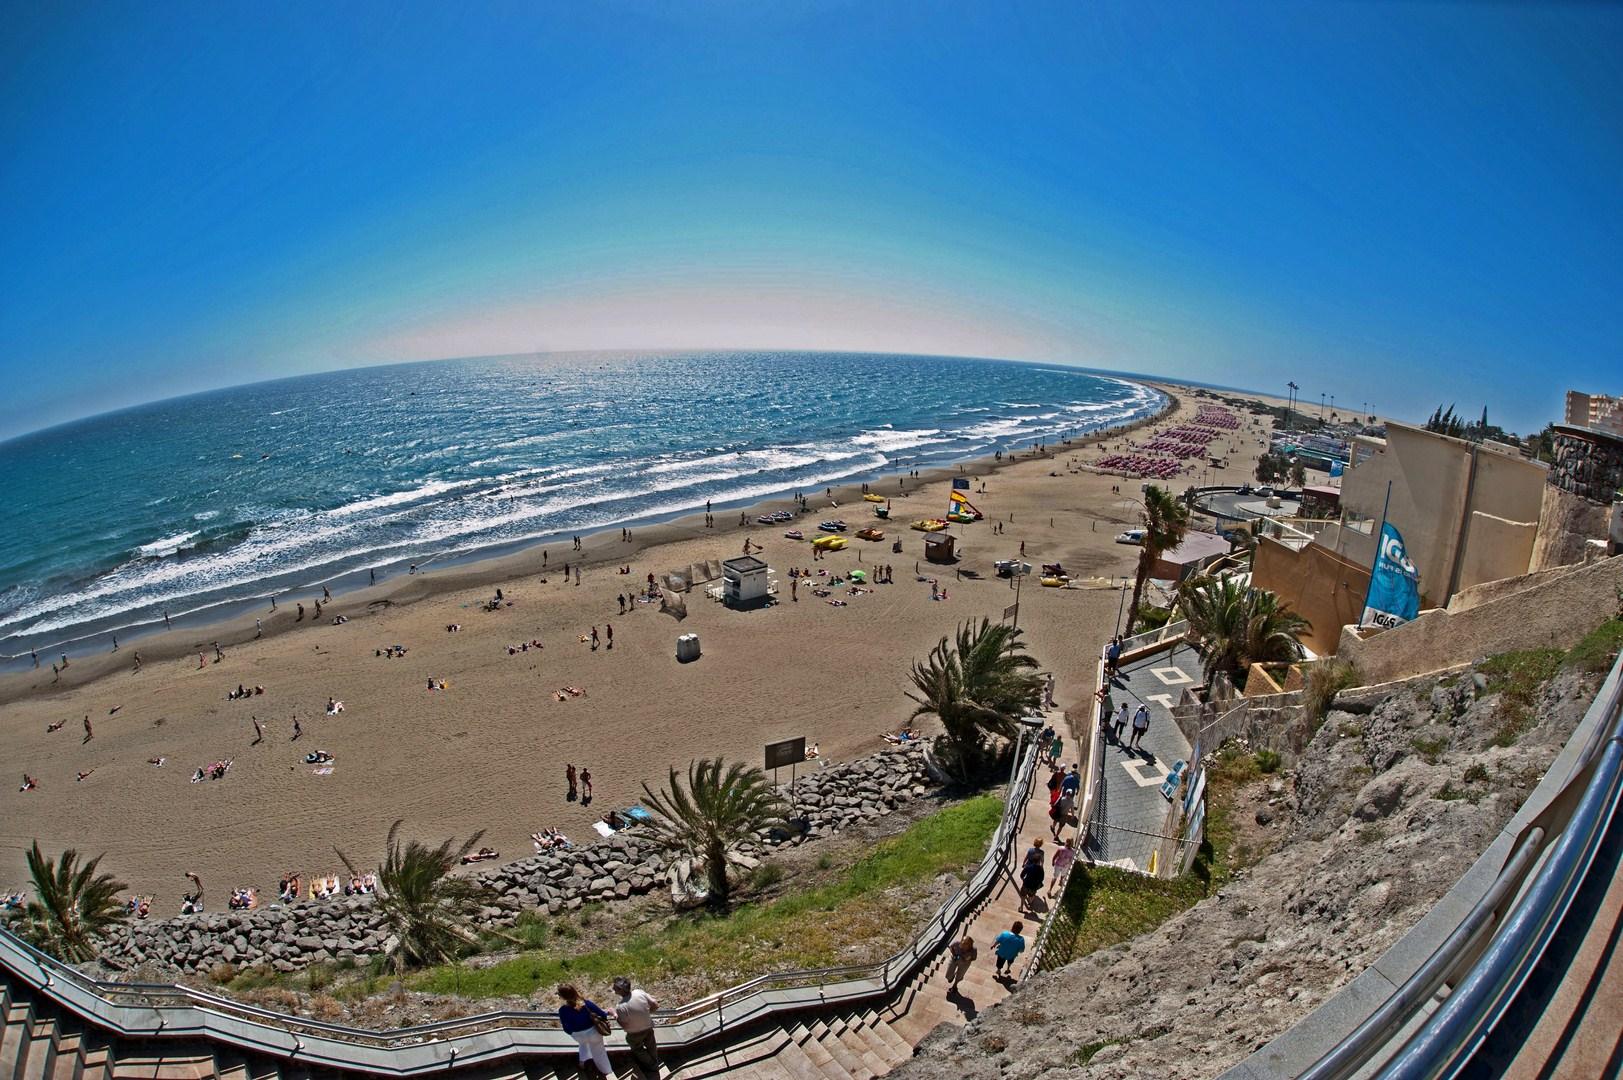 Playa del Ingles, Gran Canaria, etwas anderes